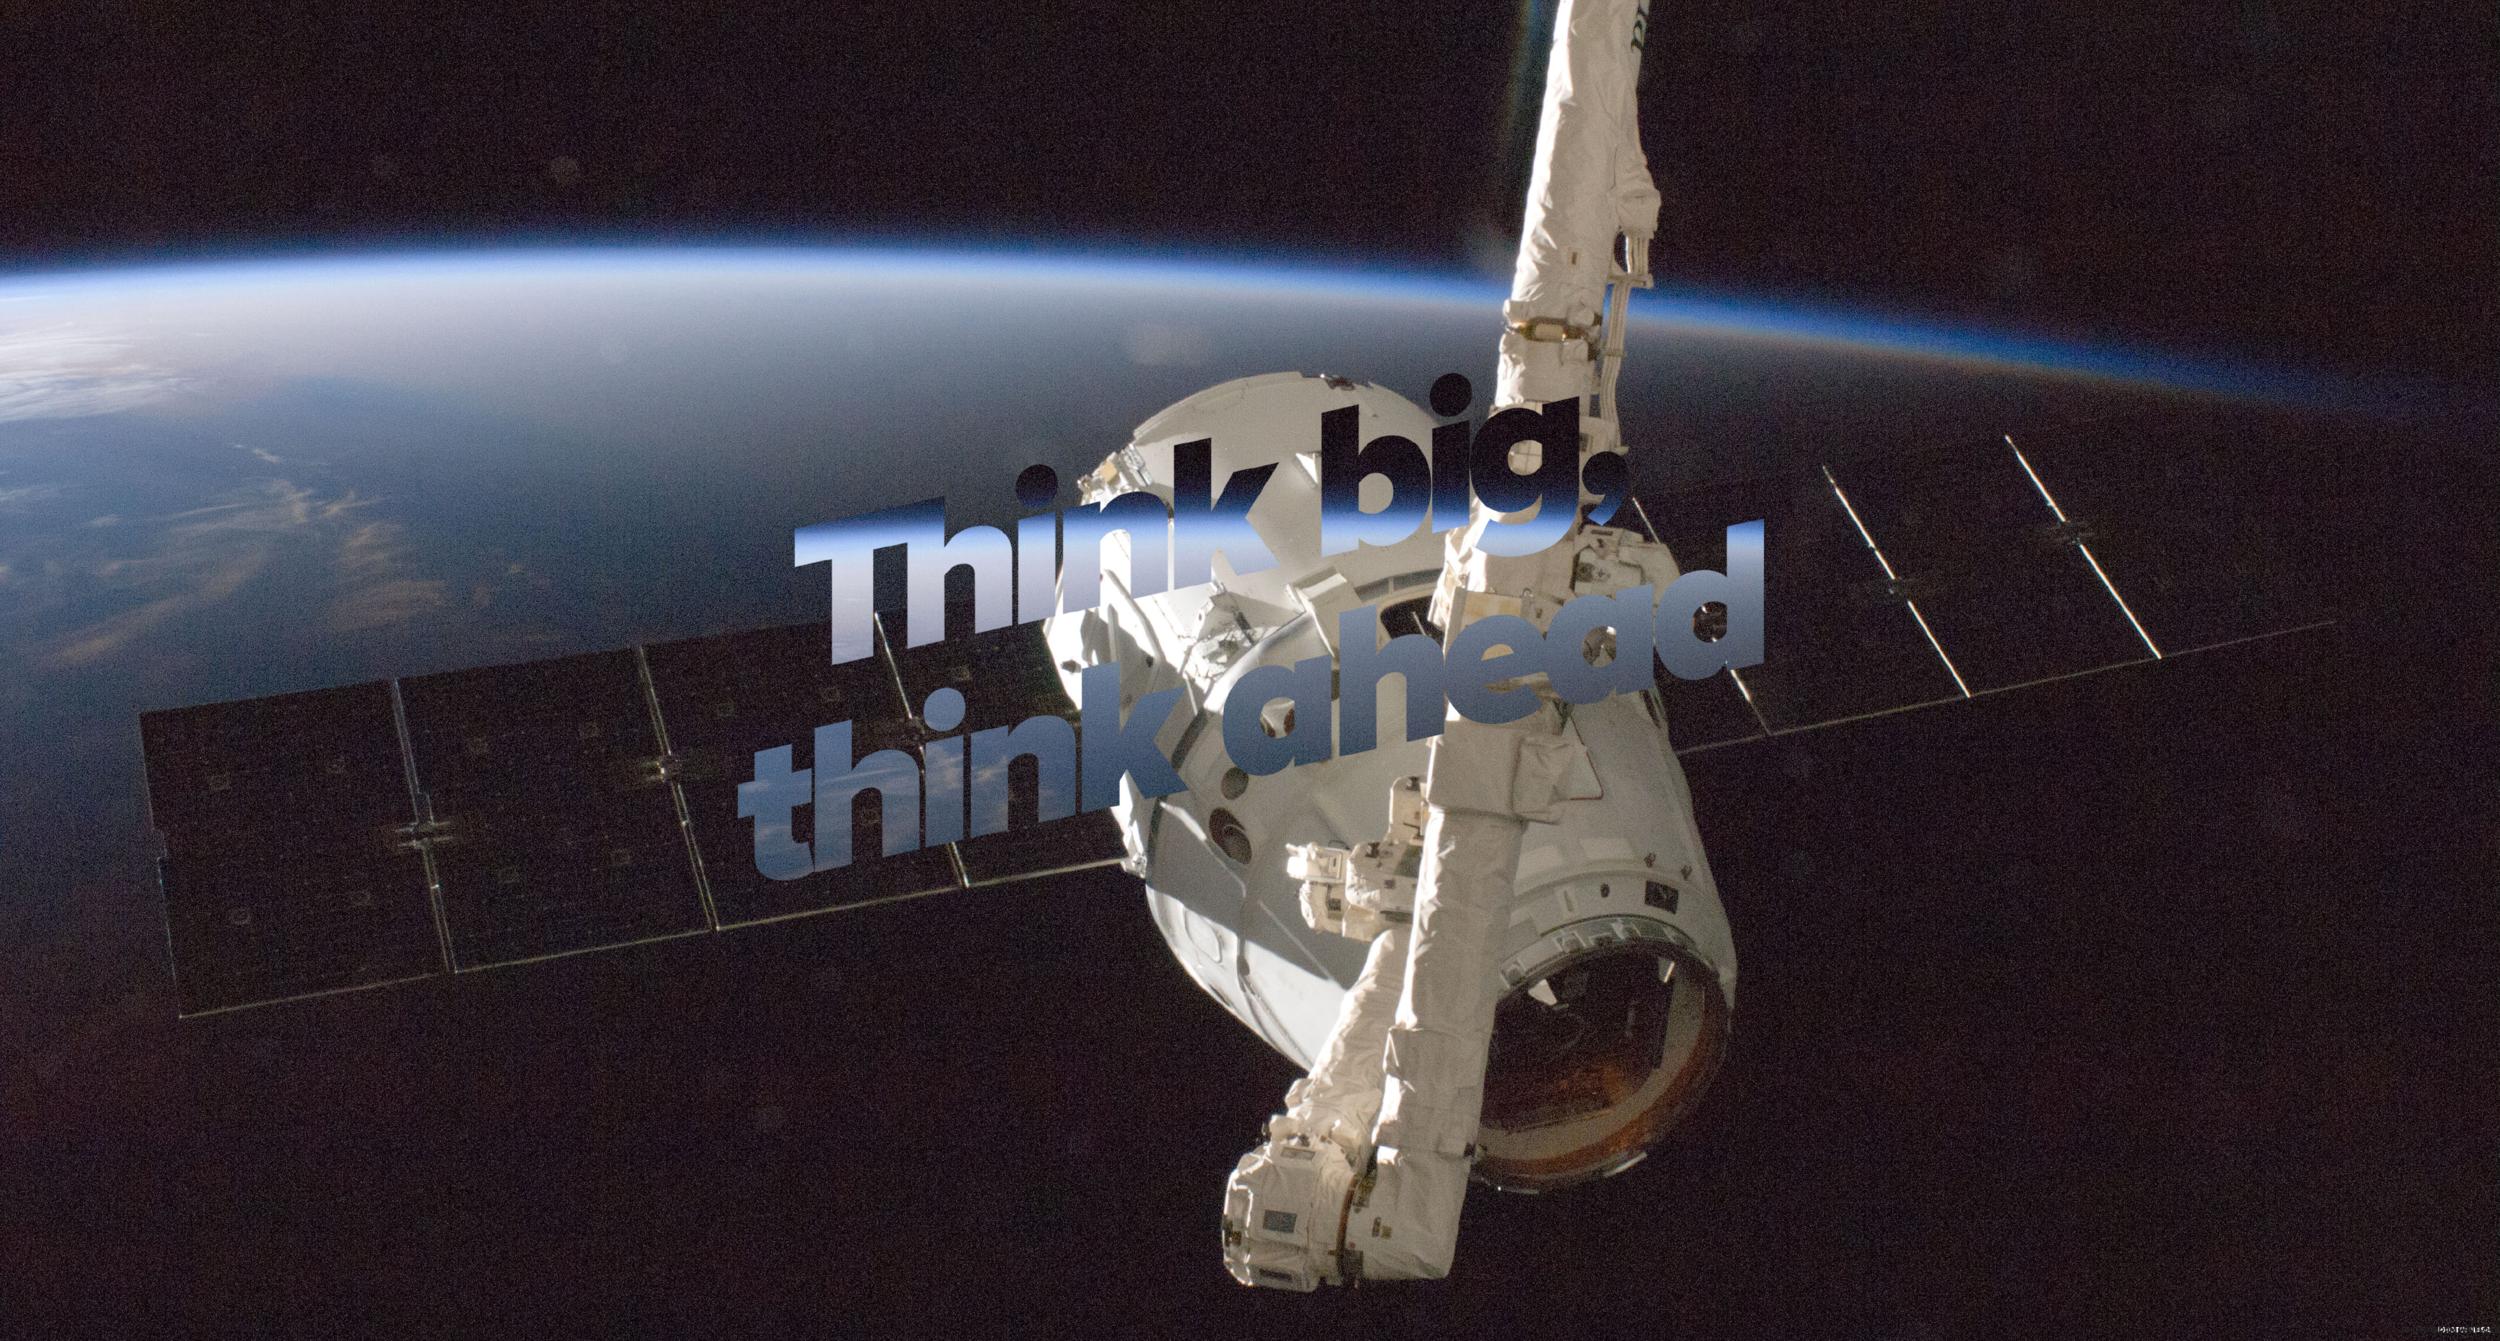 Think big, think ahead